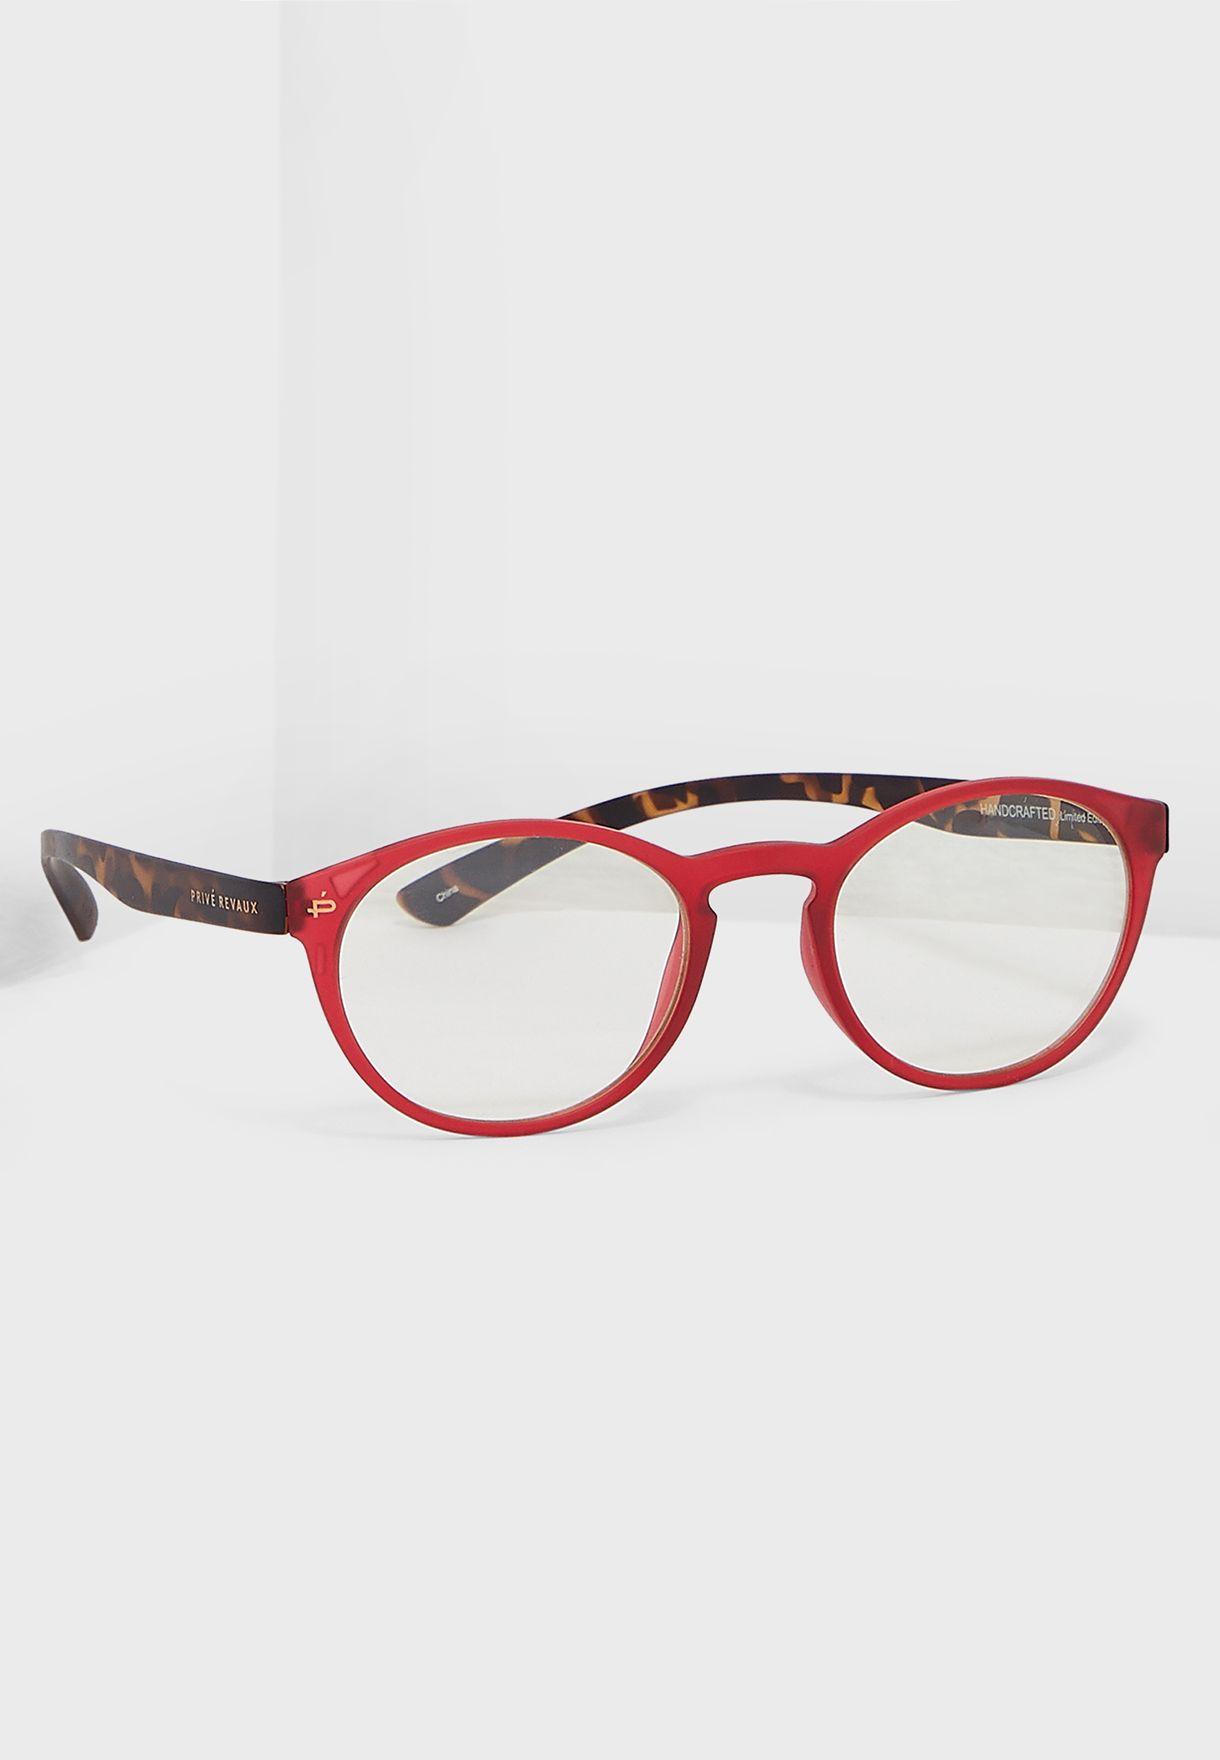 The Plato Sunglasses